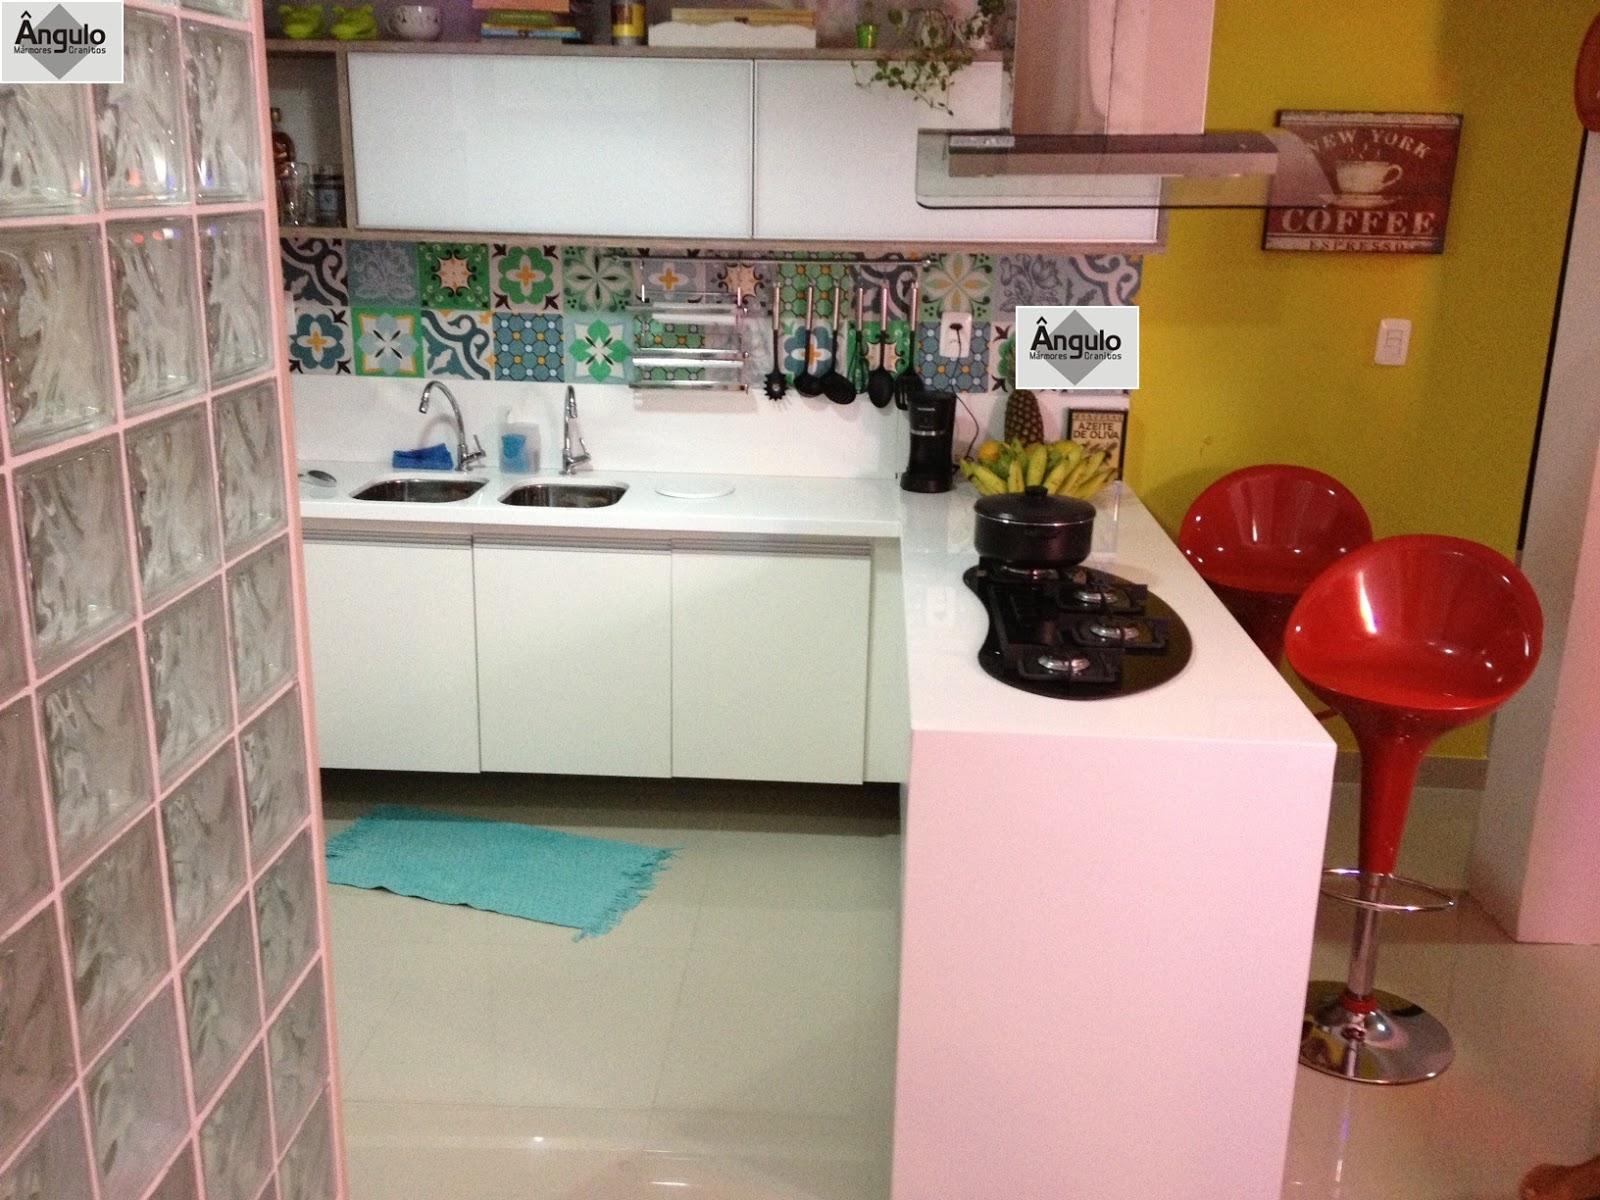 Ângulo Mármores e Granitos: Cozinha Balcão e Mesa em Nanoglass #B21F19 1600 1200